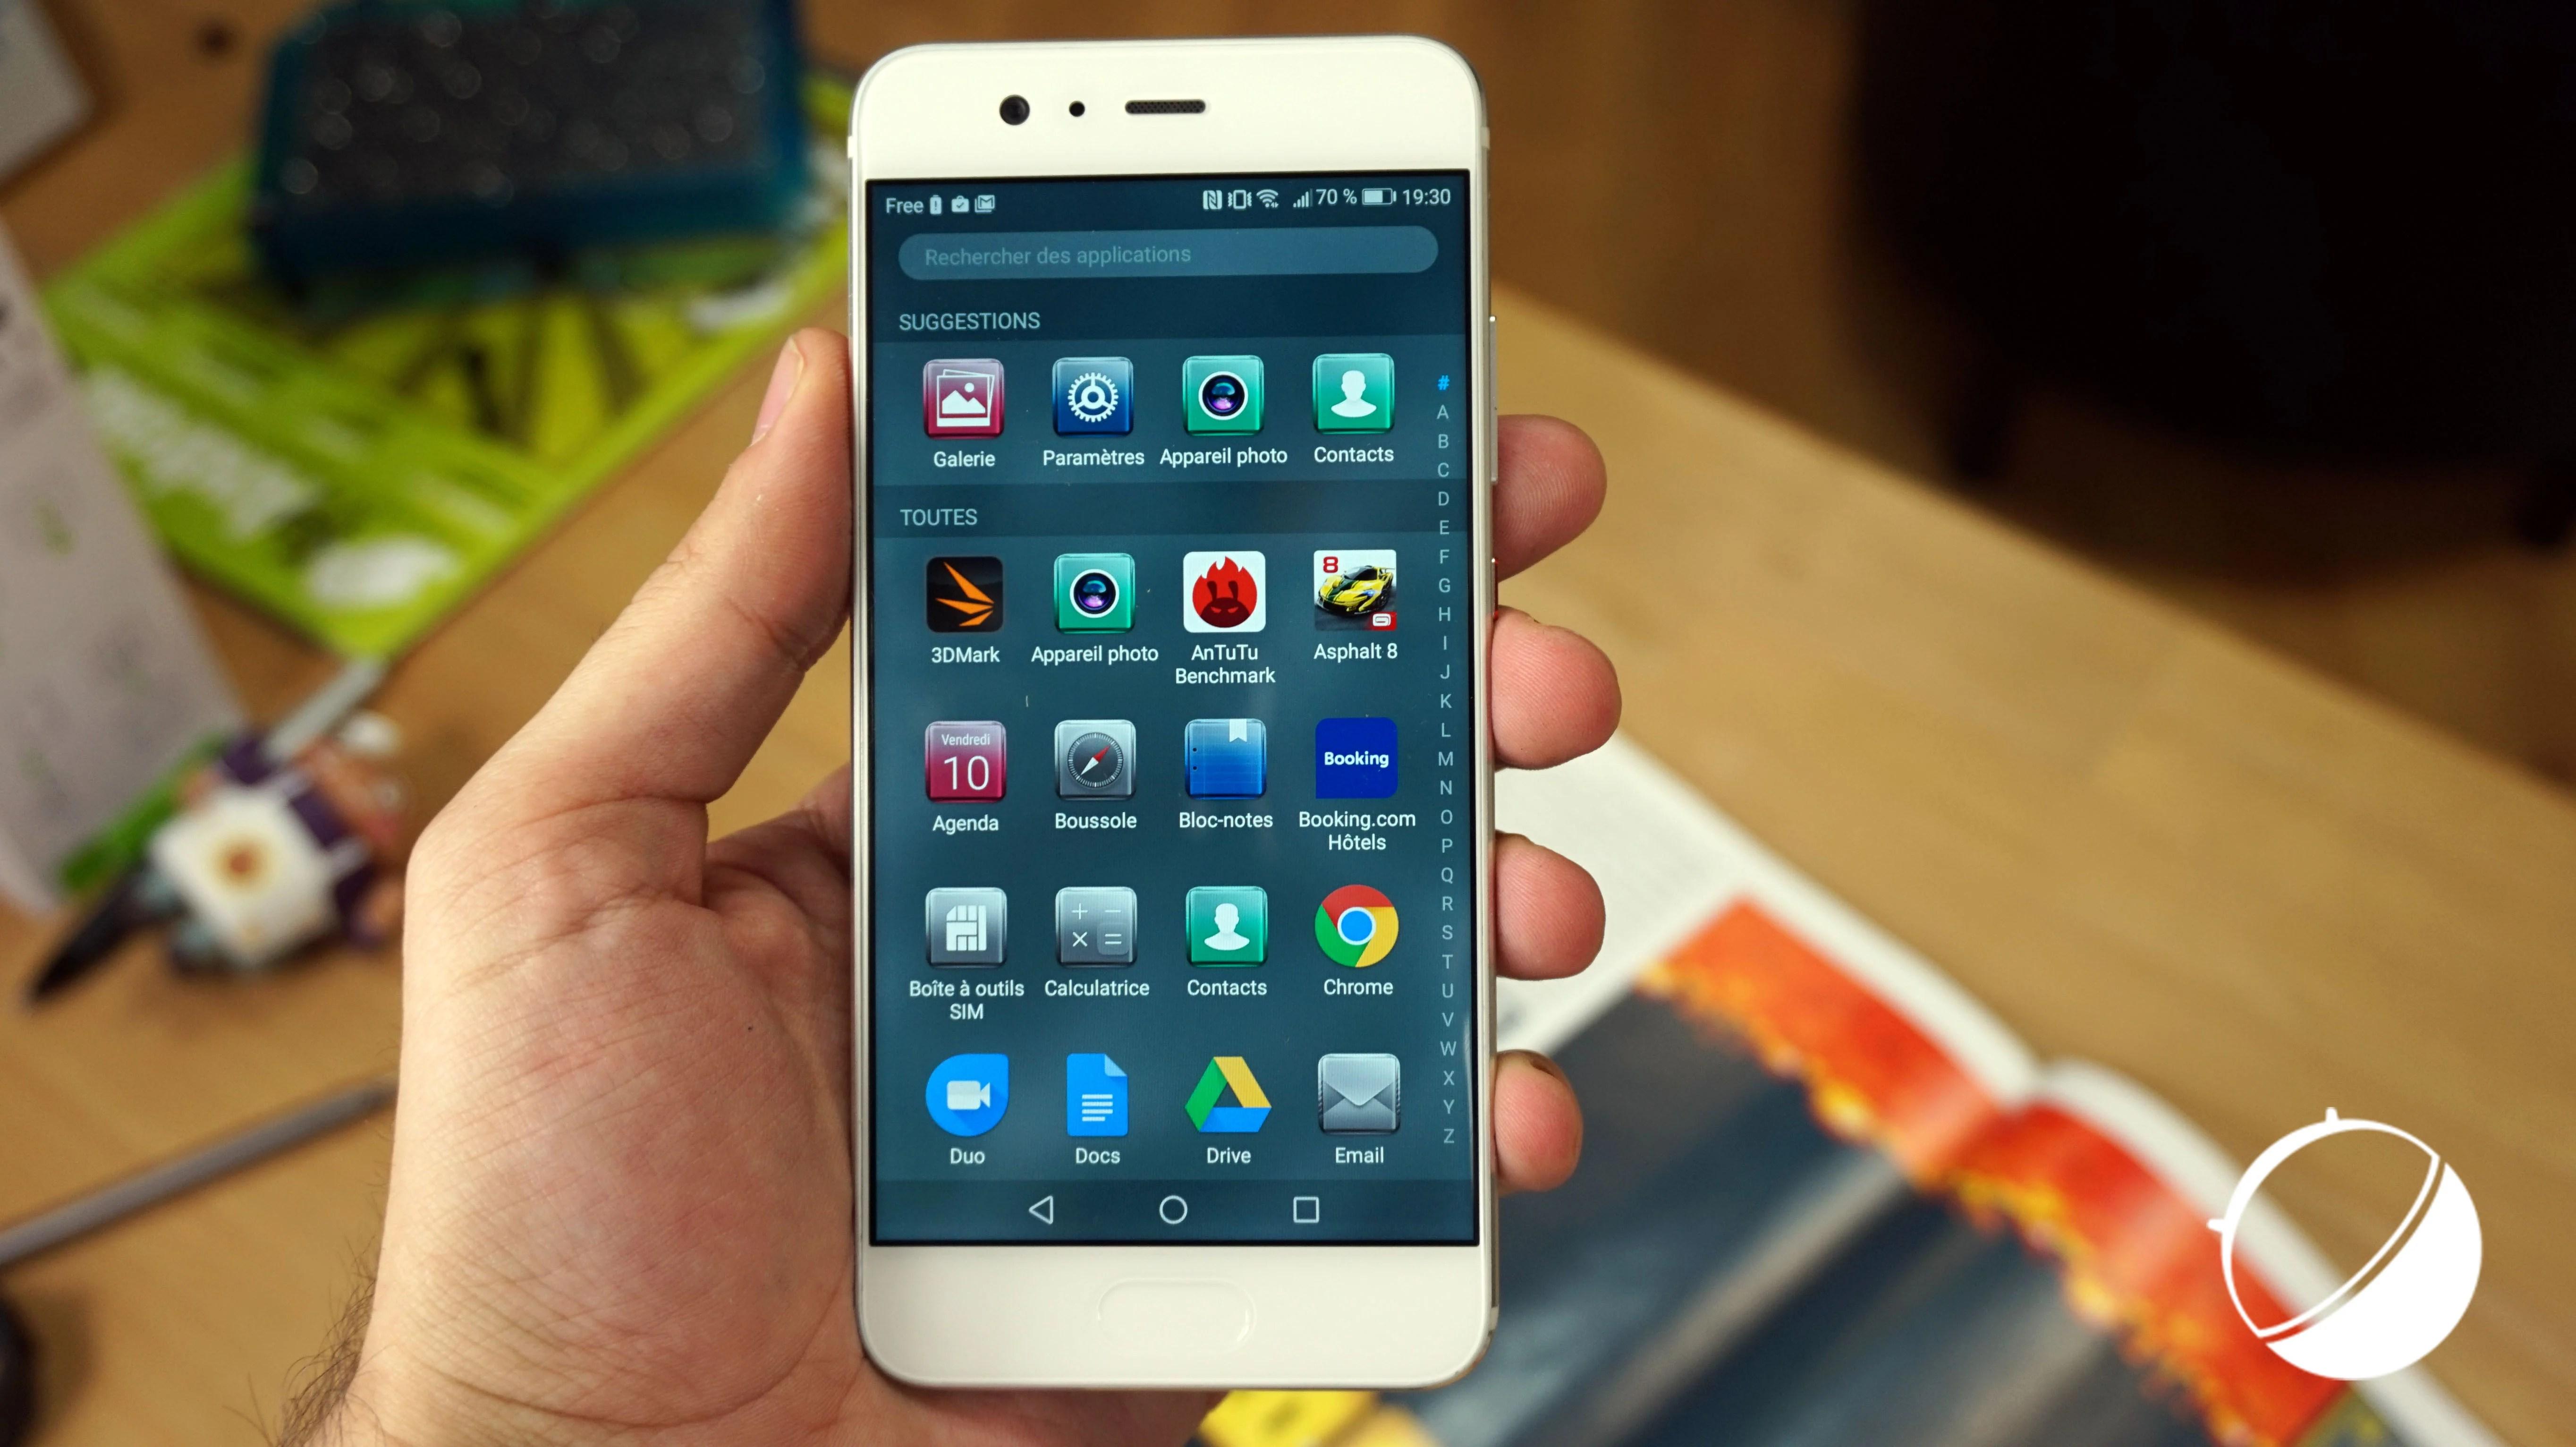 🔥 Bon plan : Le Huawei P10 est à 584 euros sur PriceMinister